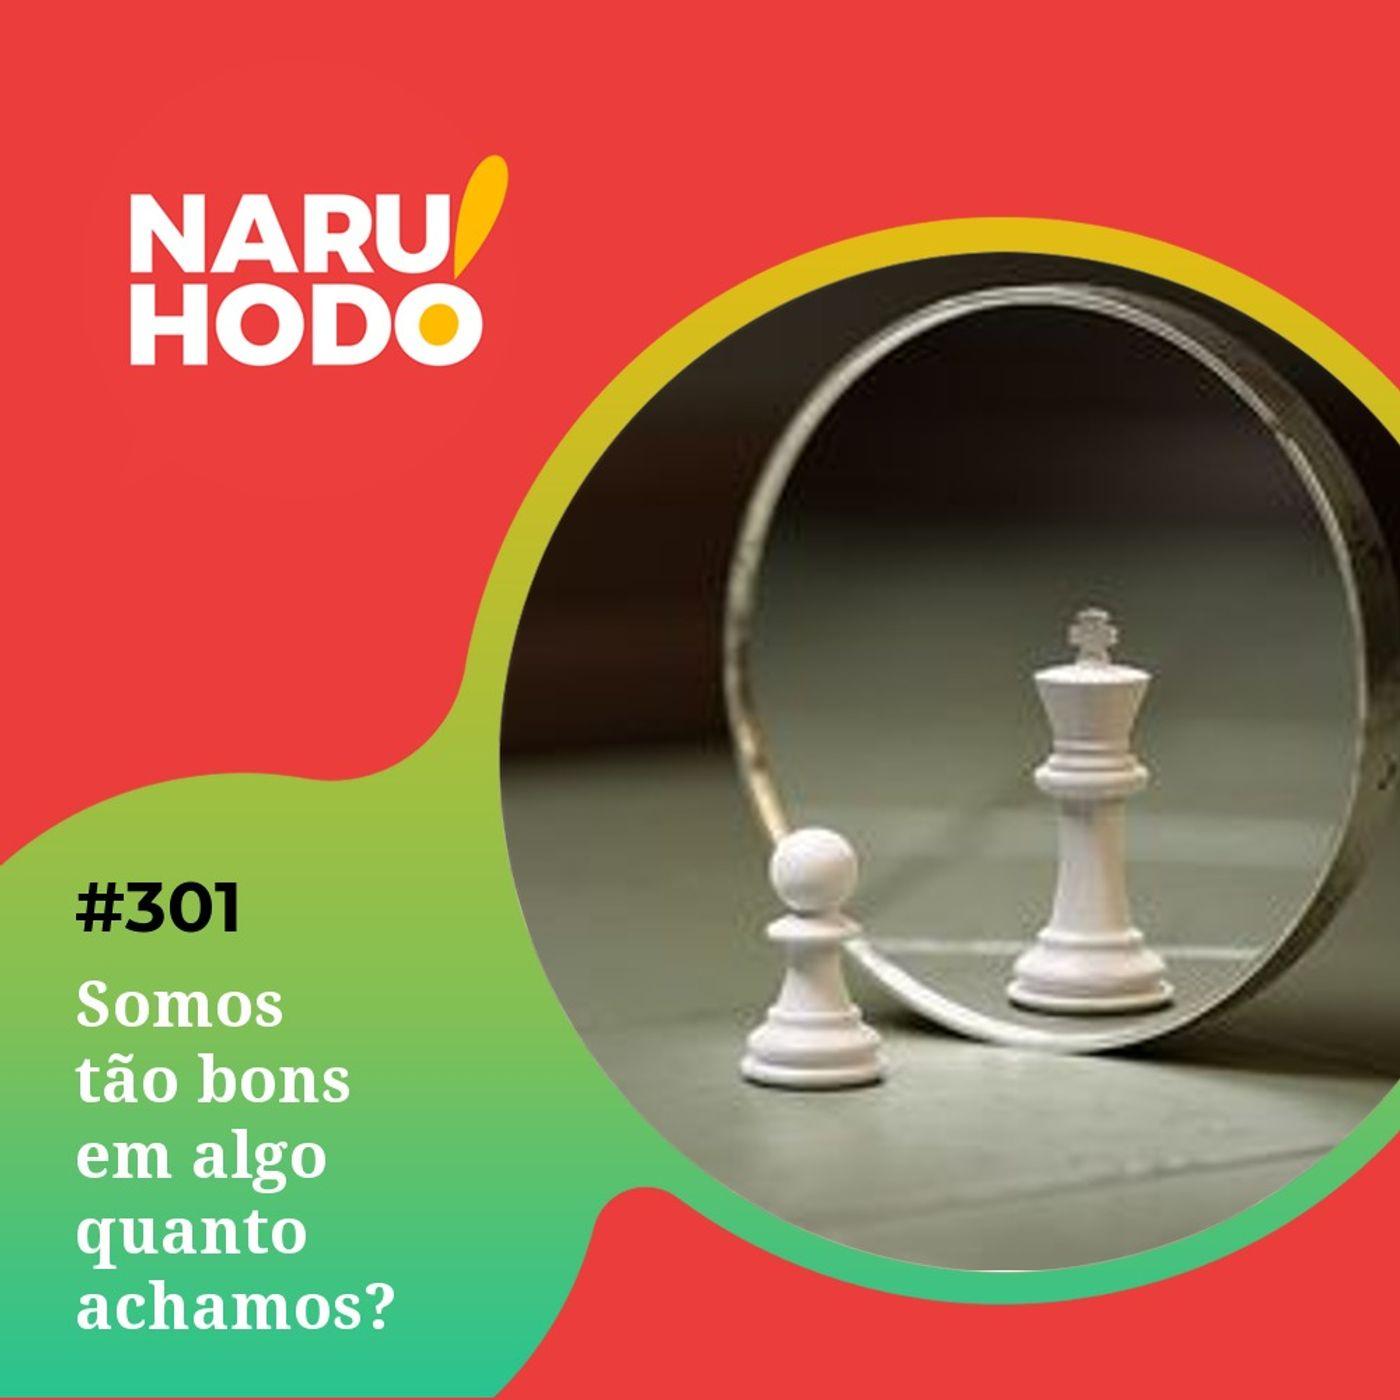 Naruhodo #301 - Somos tão bons em algo quanto achamos?